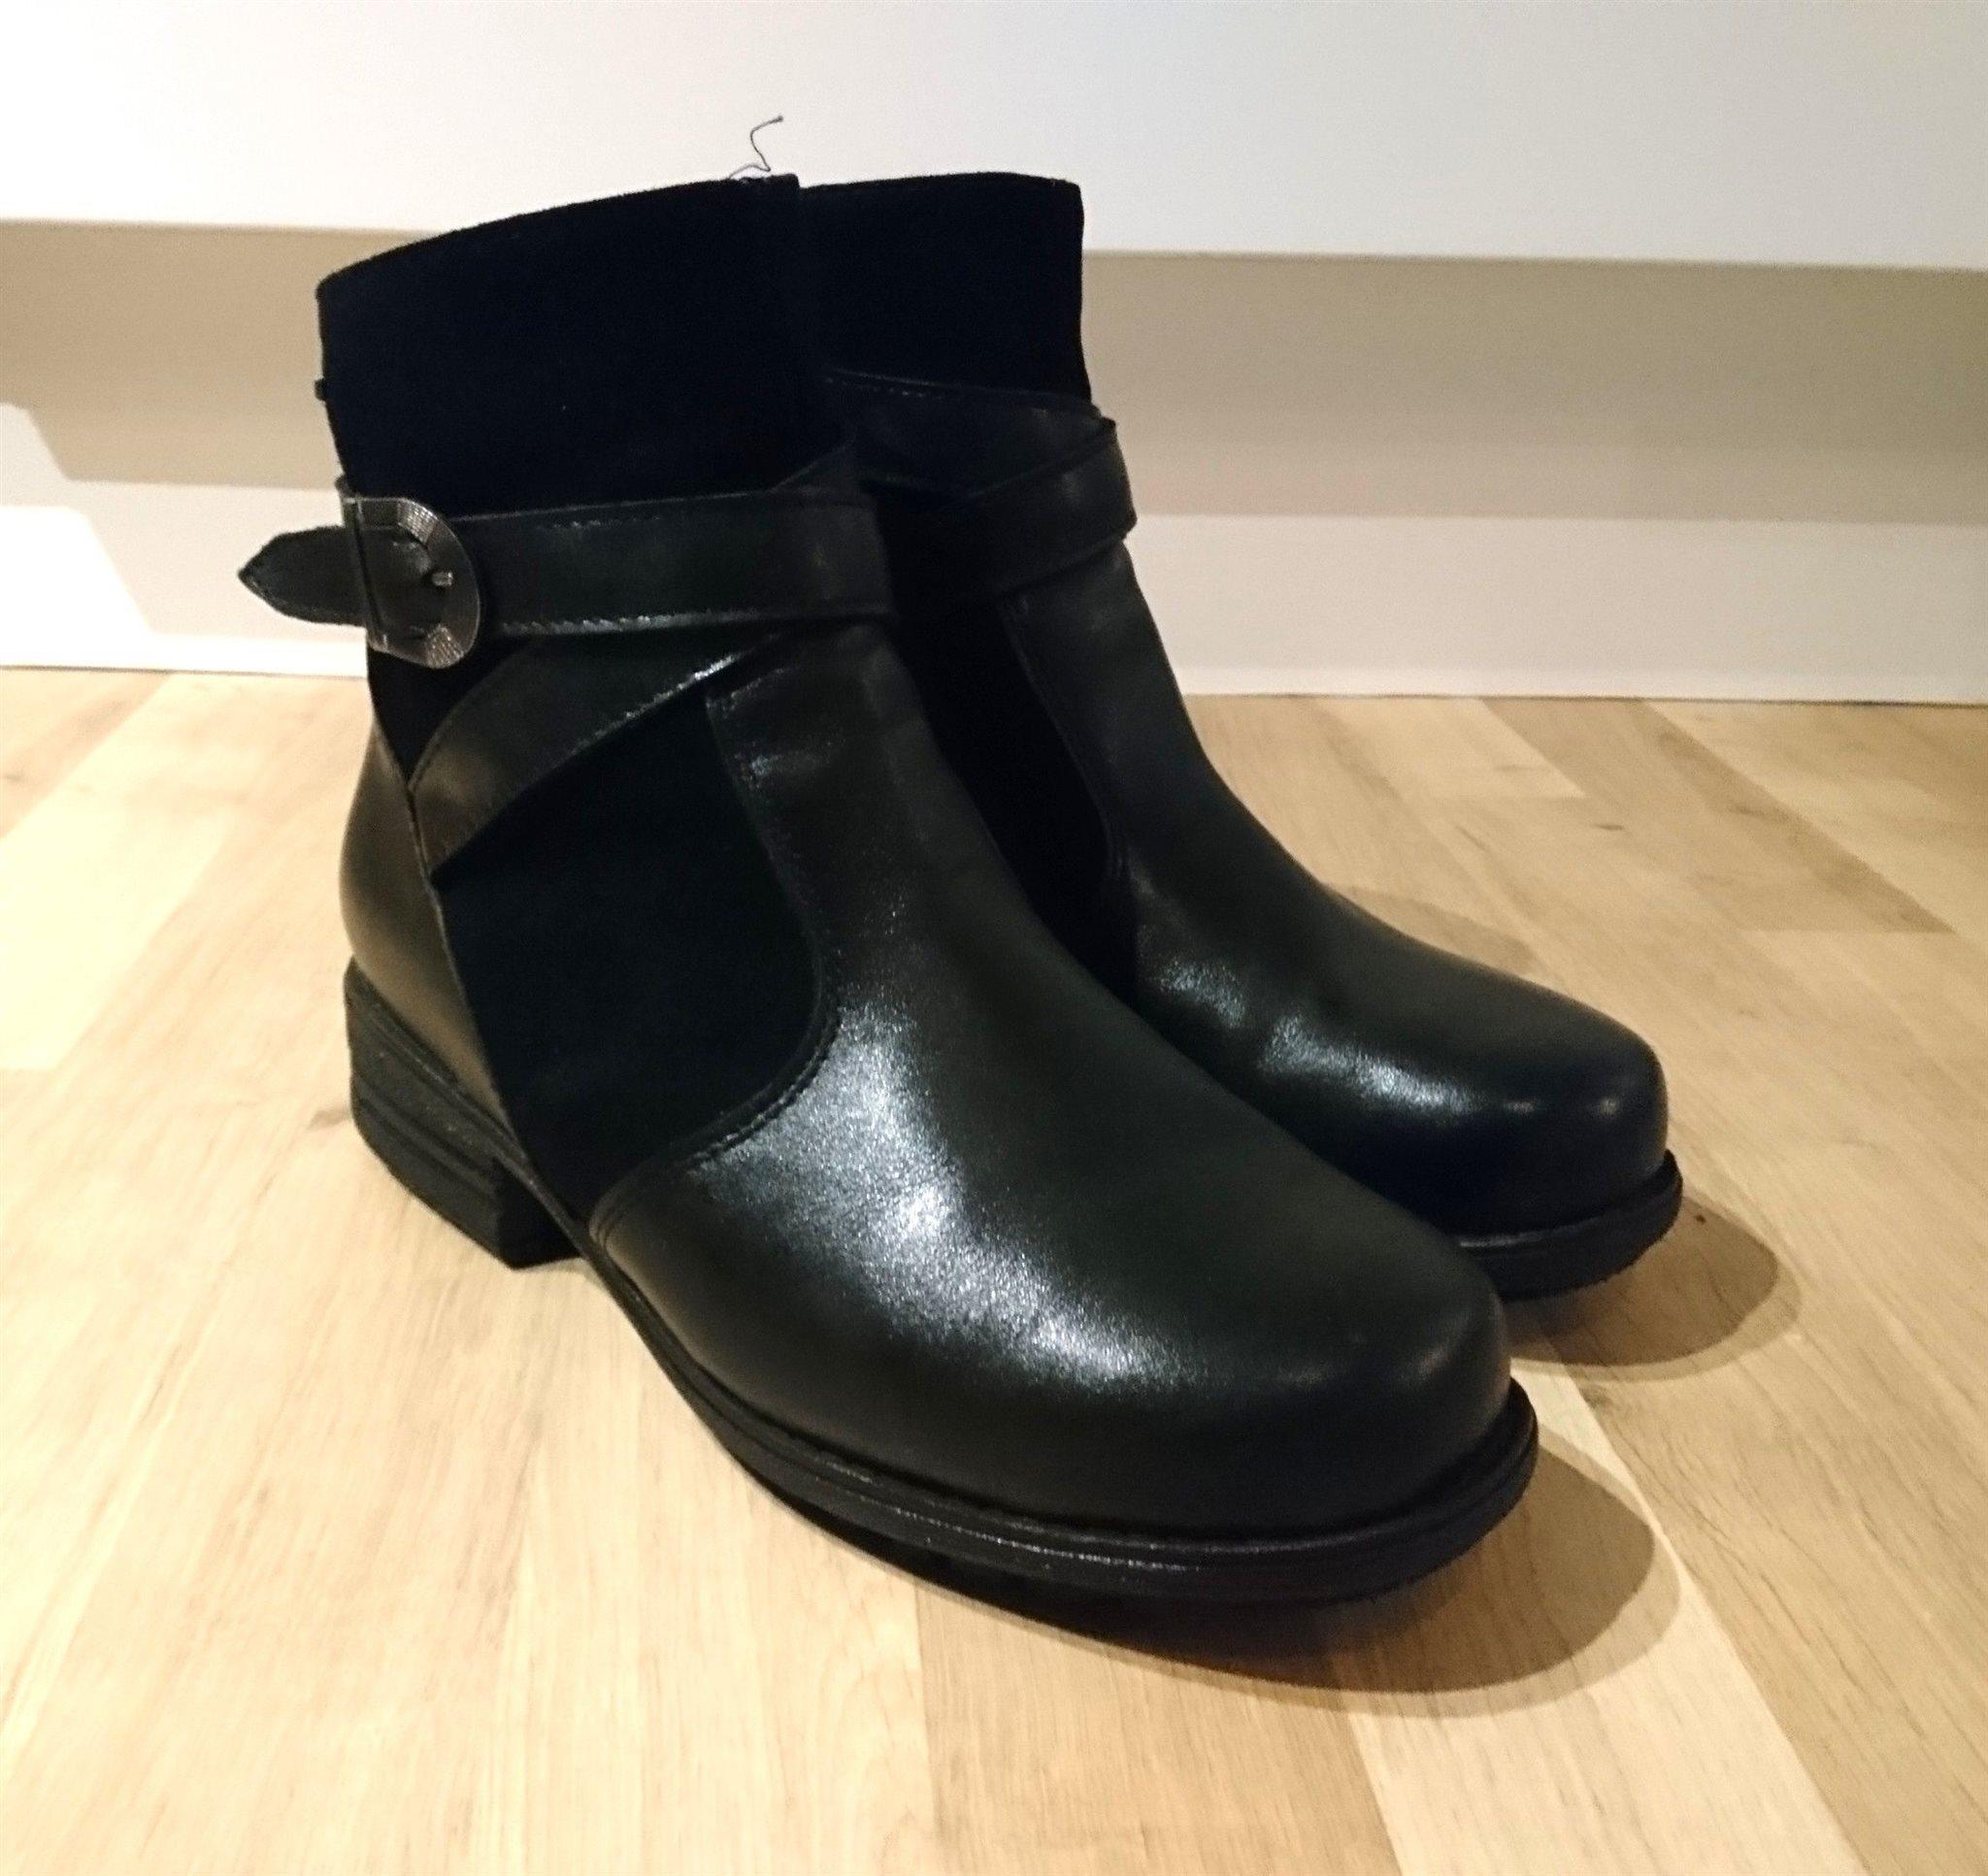 e2cac141e3c Vinterskor kängor svarta läder Pomar storlek 39.. (334366698) ᐈ Köp ...